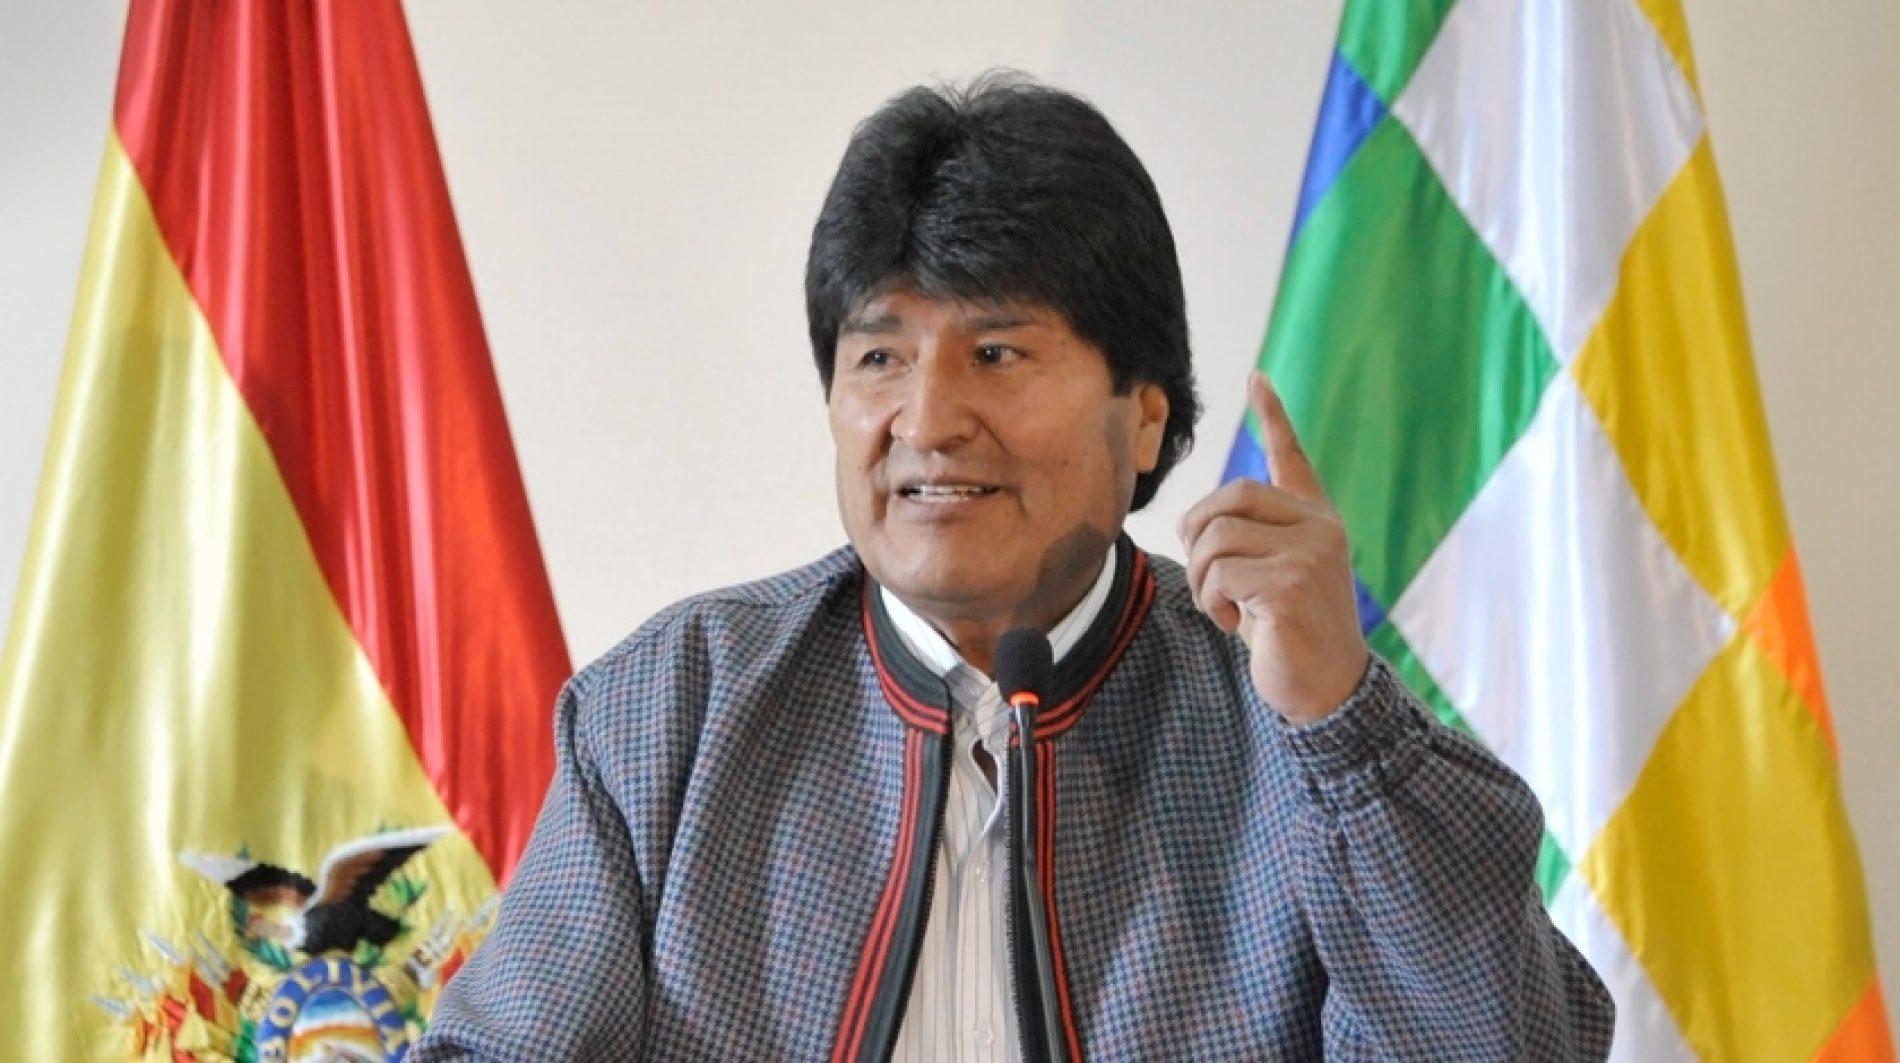 Evo Morales pede para que chilenos e bolivianos superem diferenças